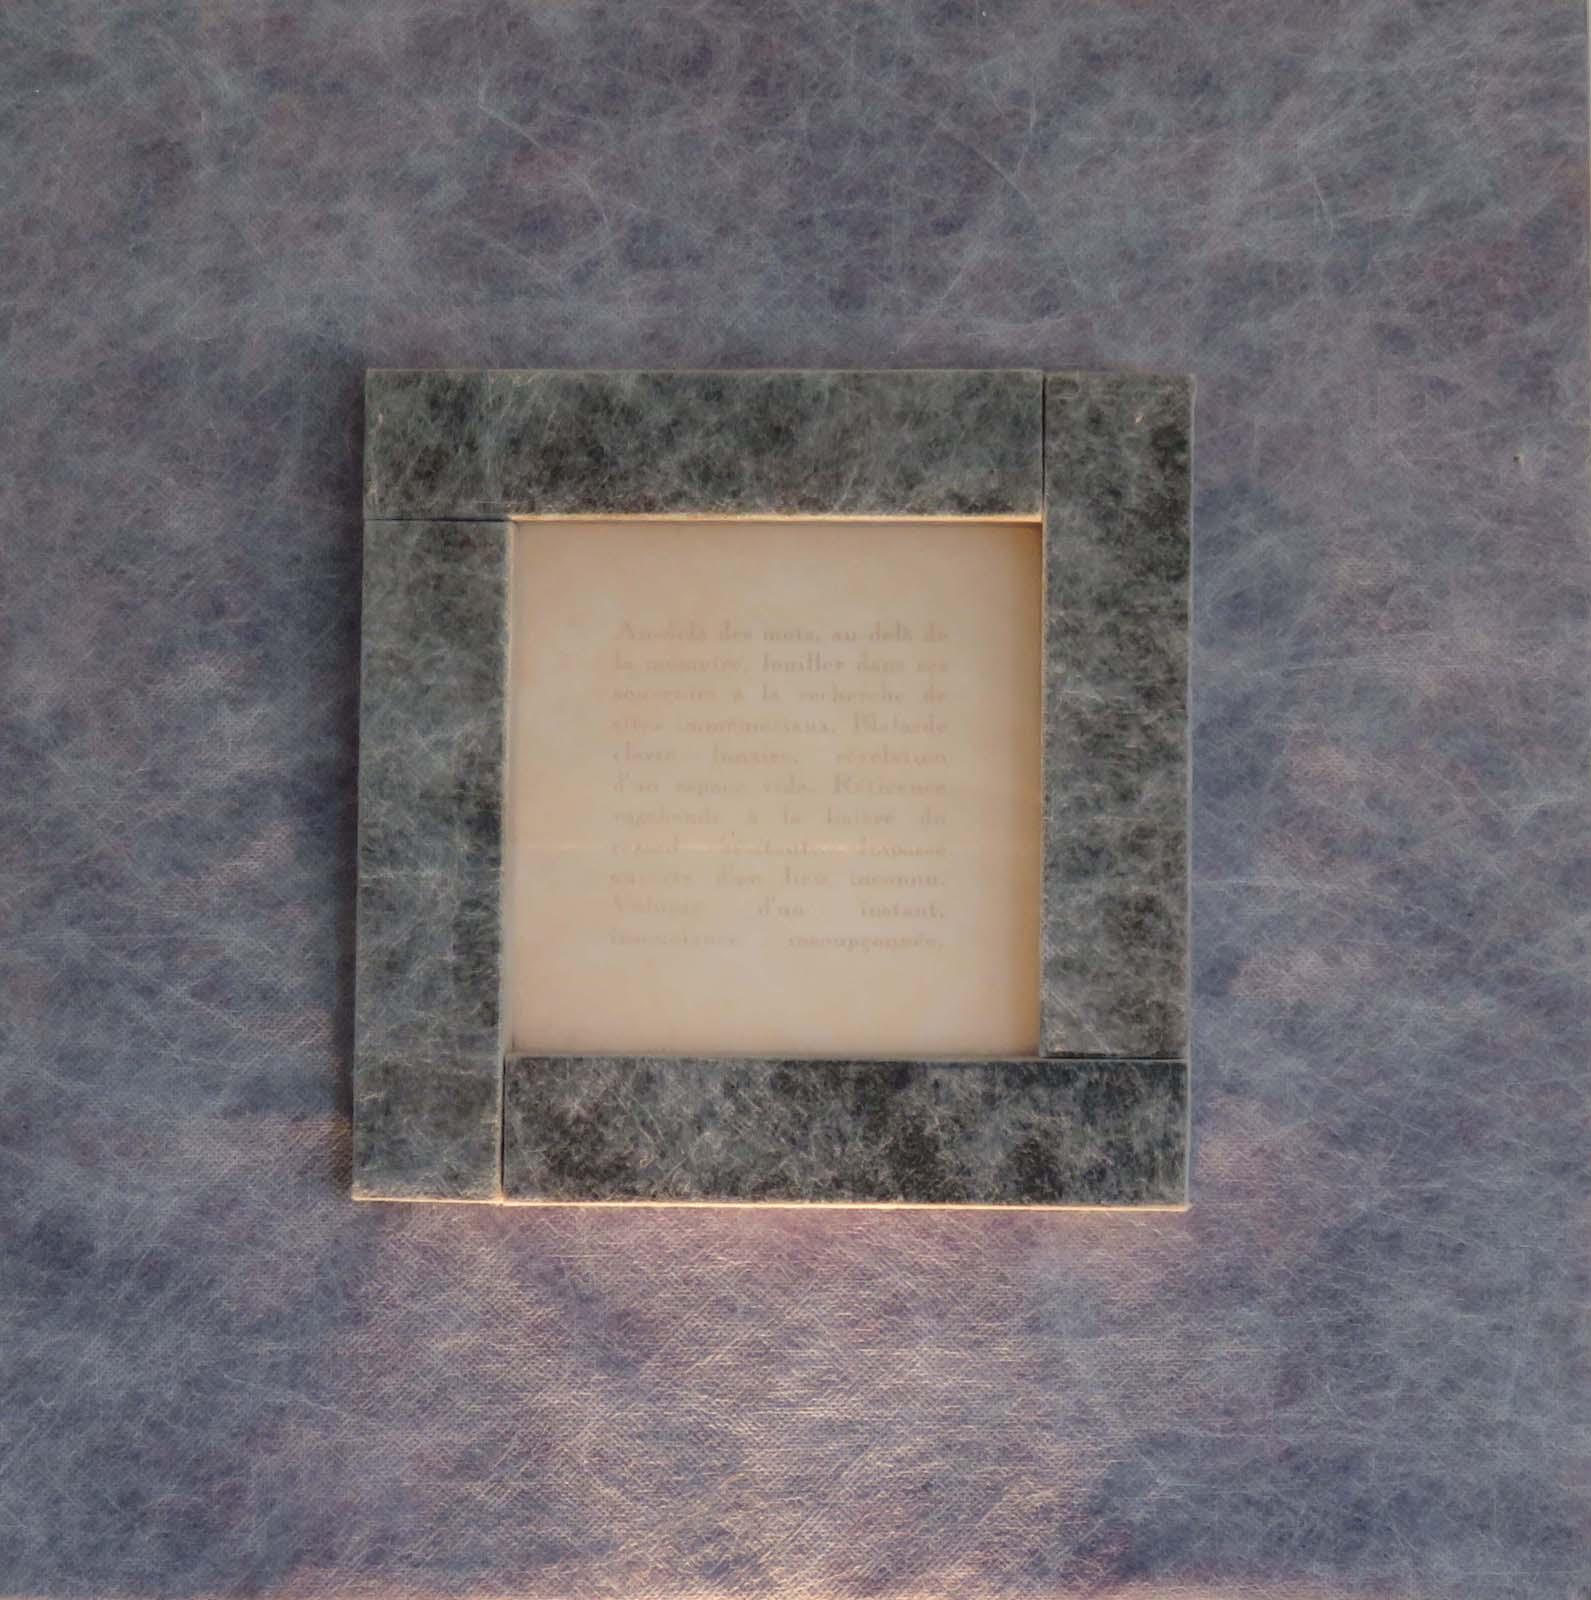 peinture-texte-9-1997